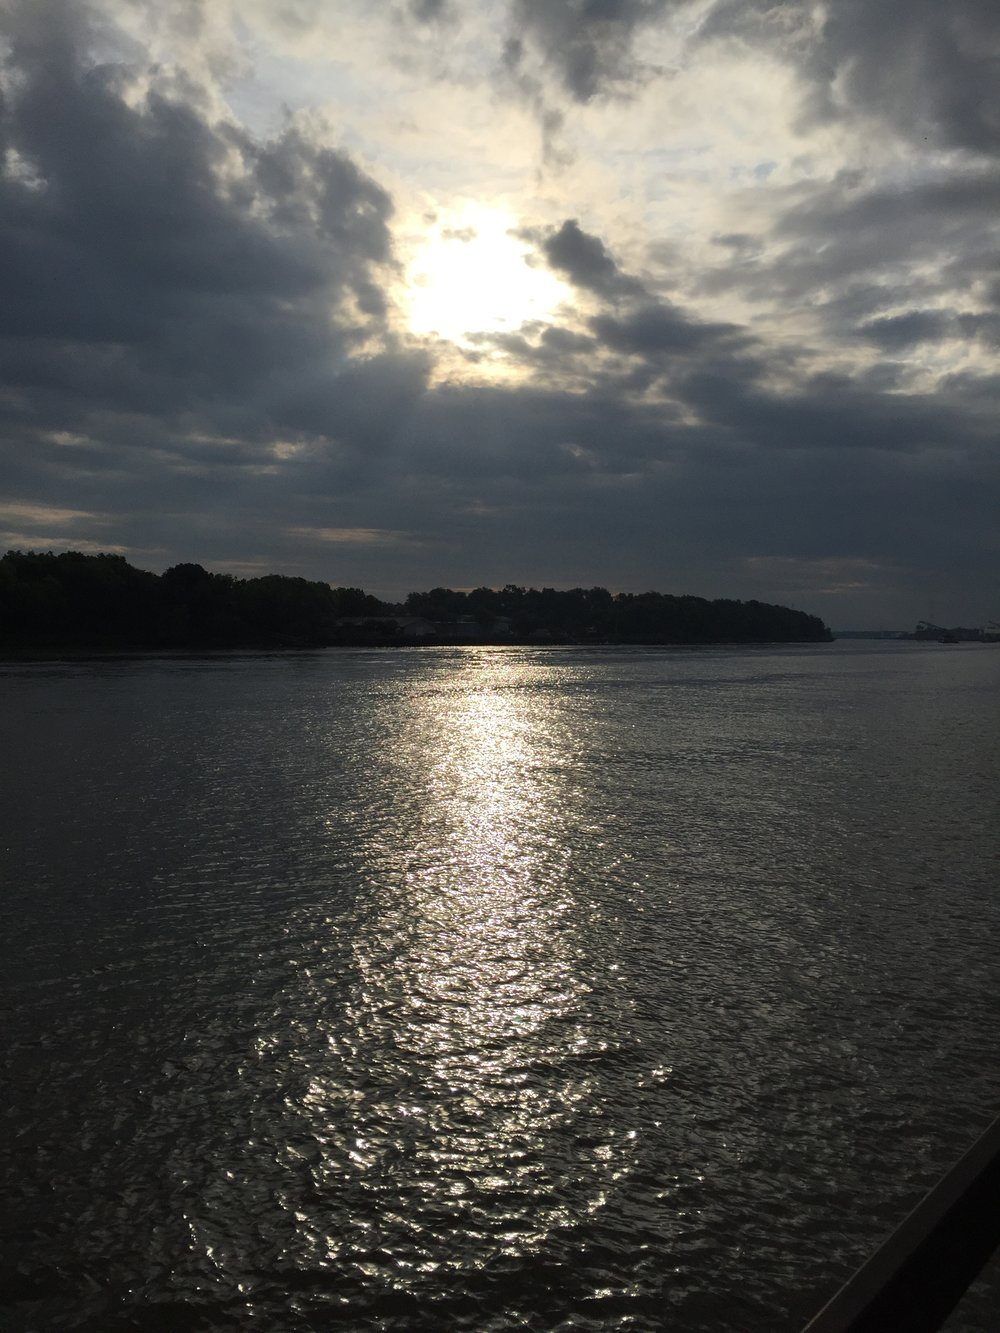 sunrise-over-river.jpg